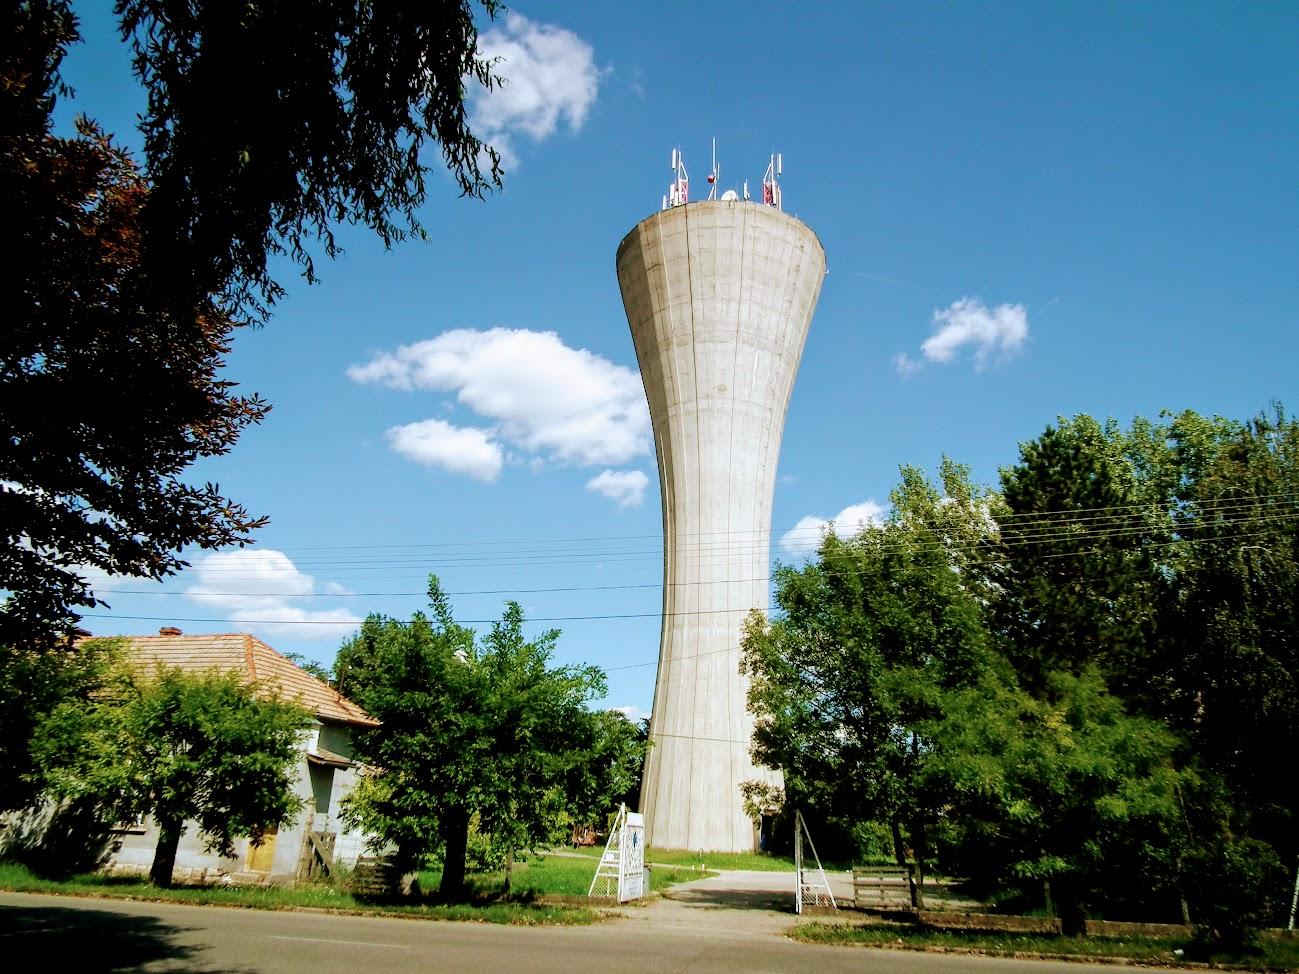 Törökszentmiklós/víztorony - helyi URH-FM adóállomás